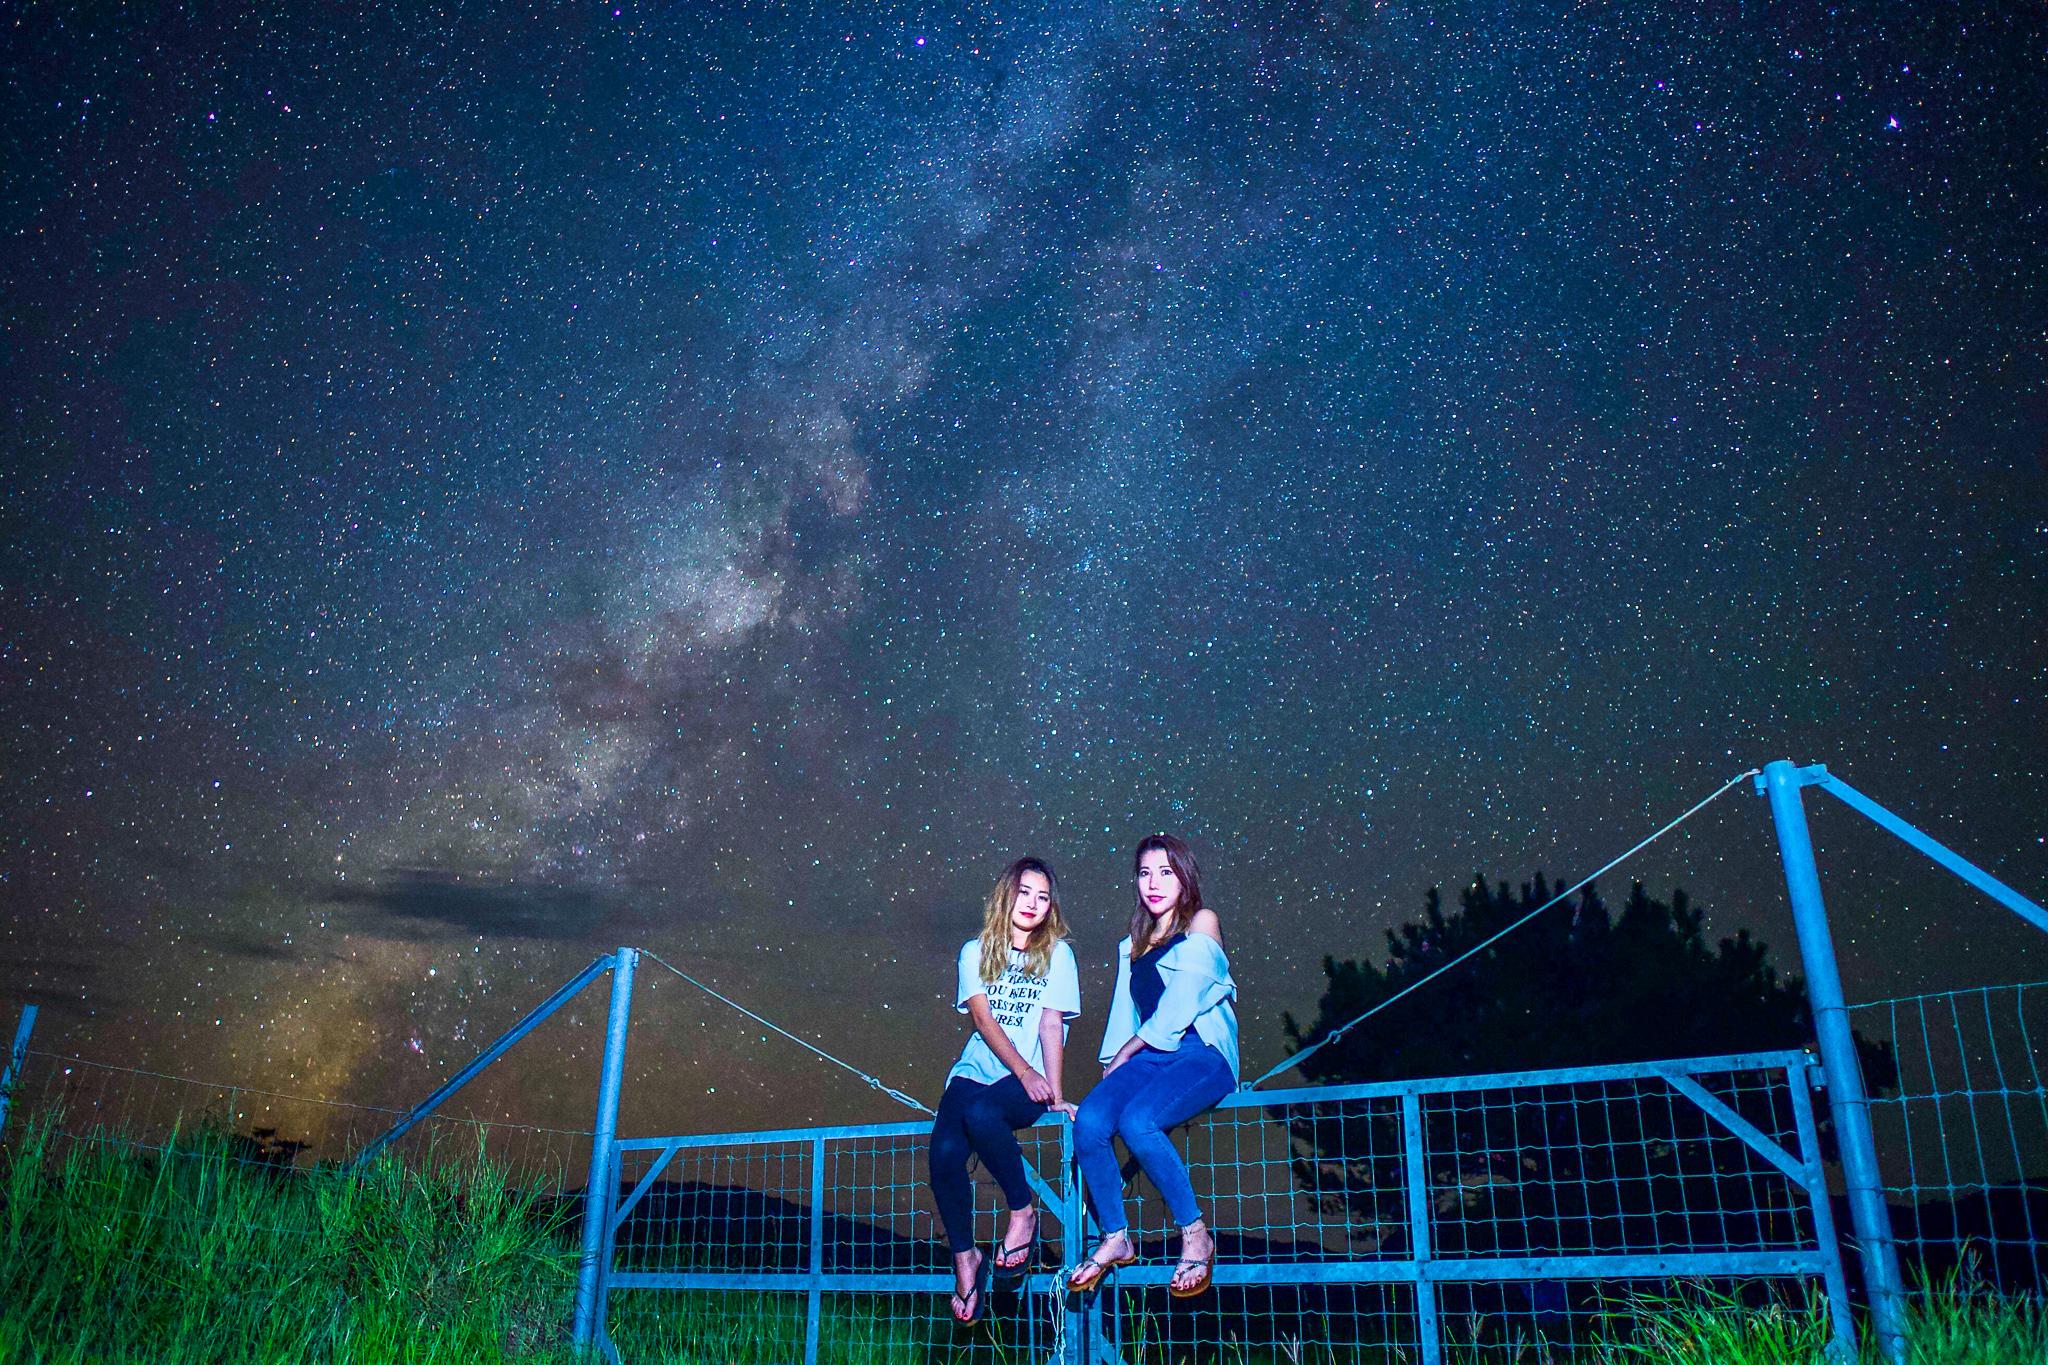 満天の星空を観察